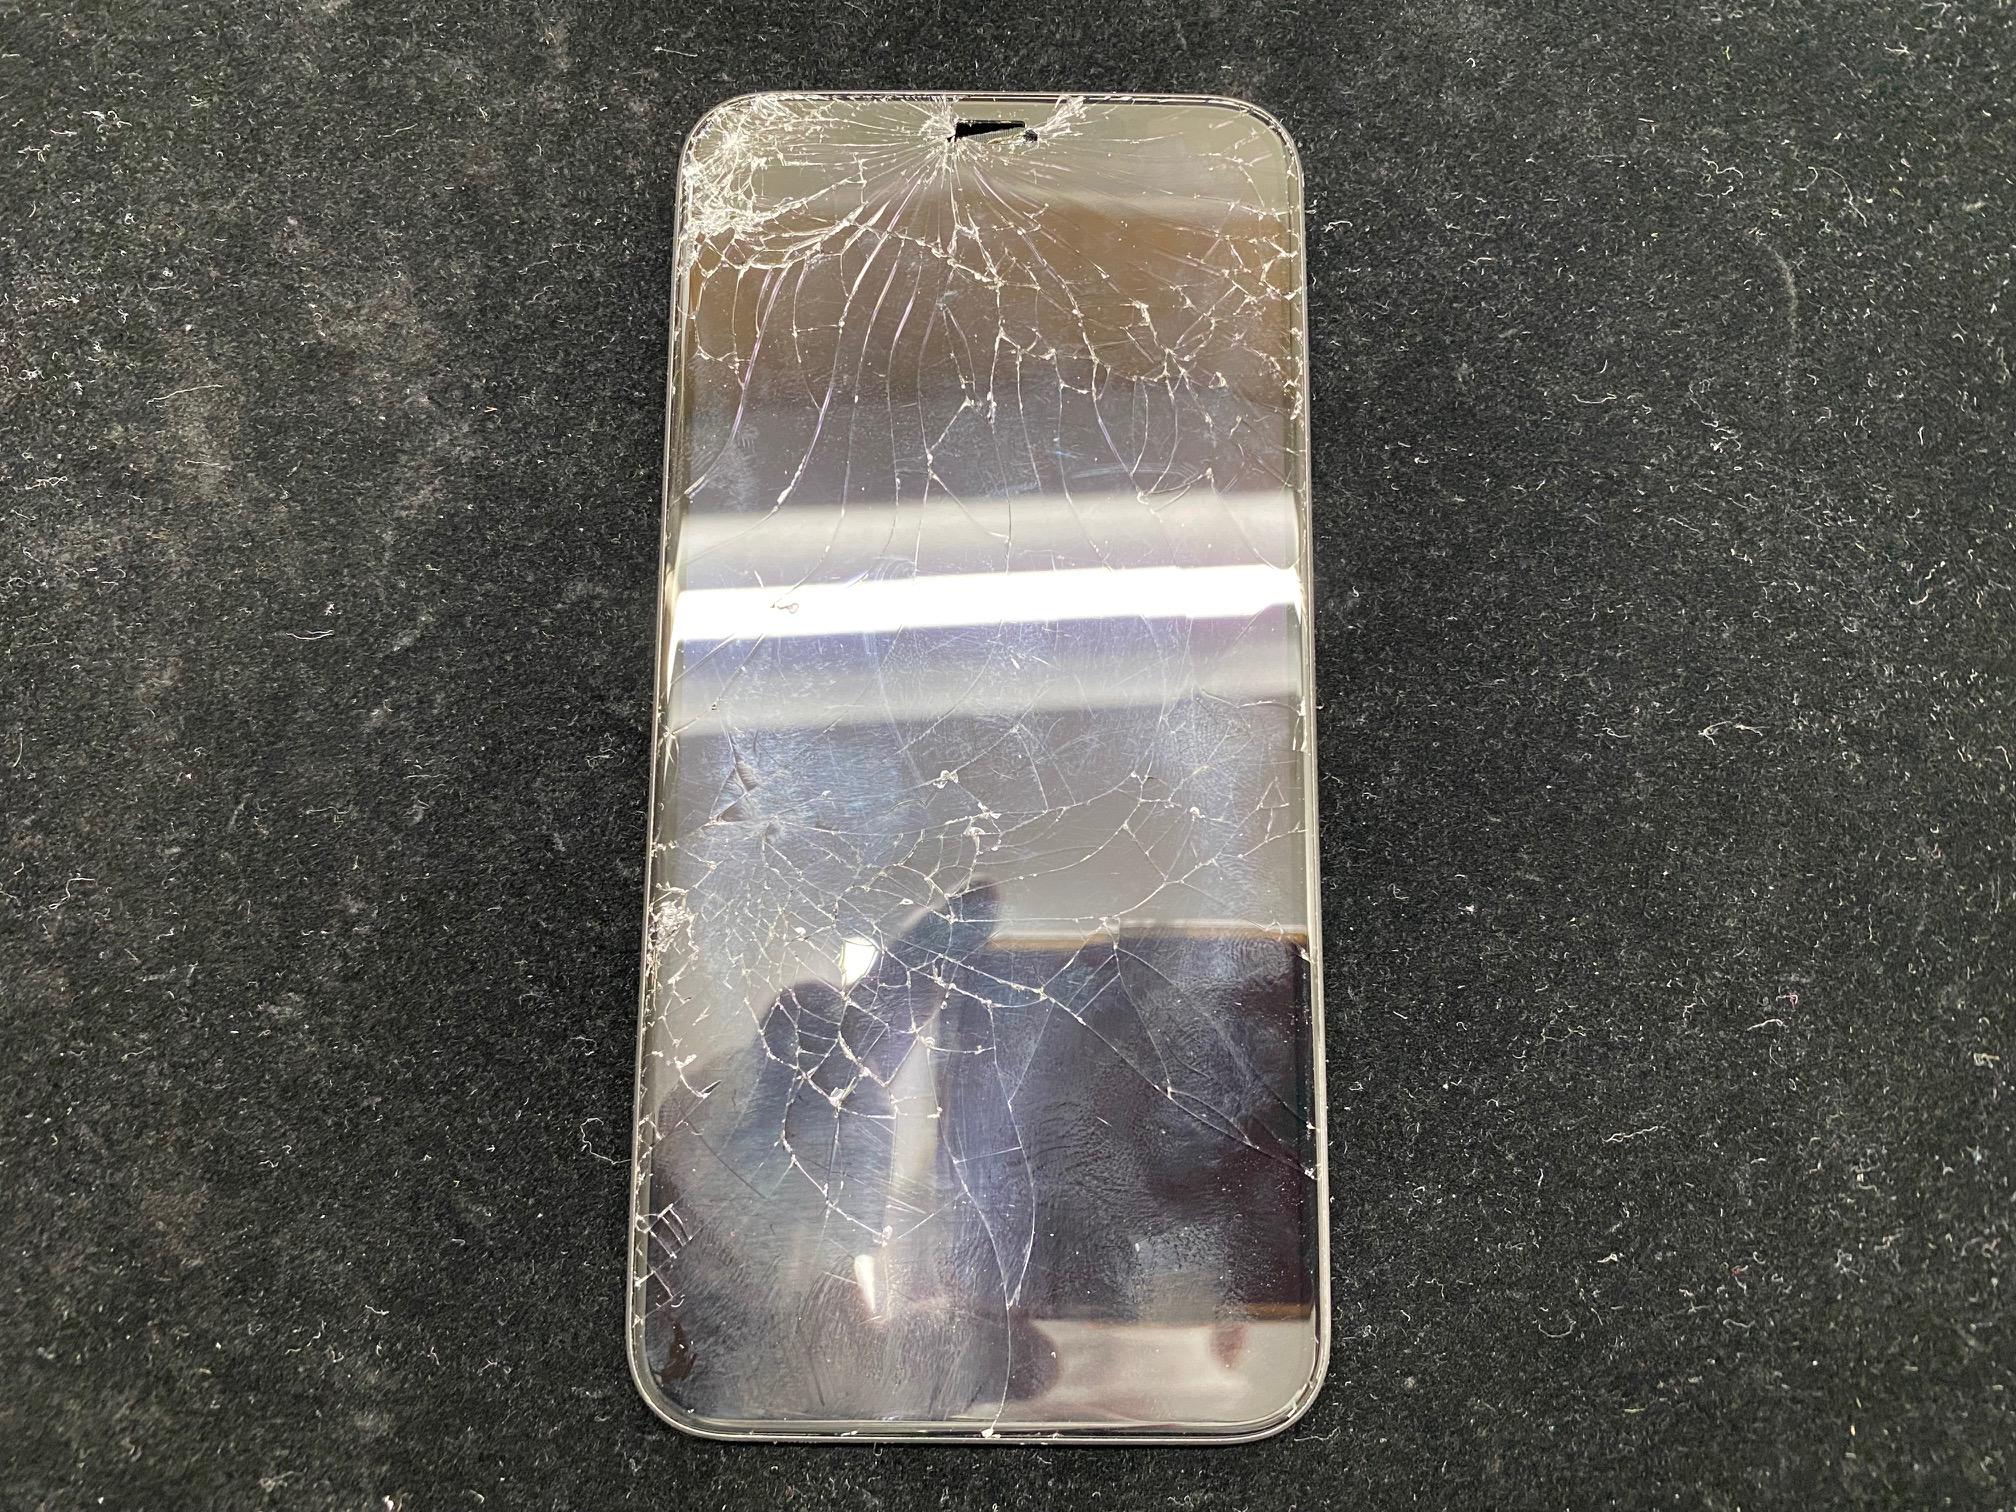 iPhone11Proの画面ガラス割れのお客様がご来店されました